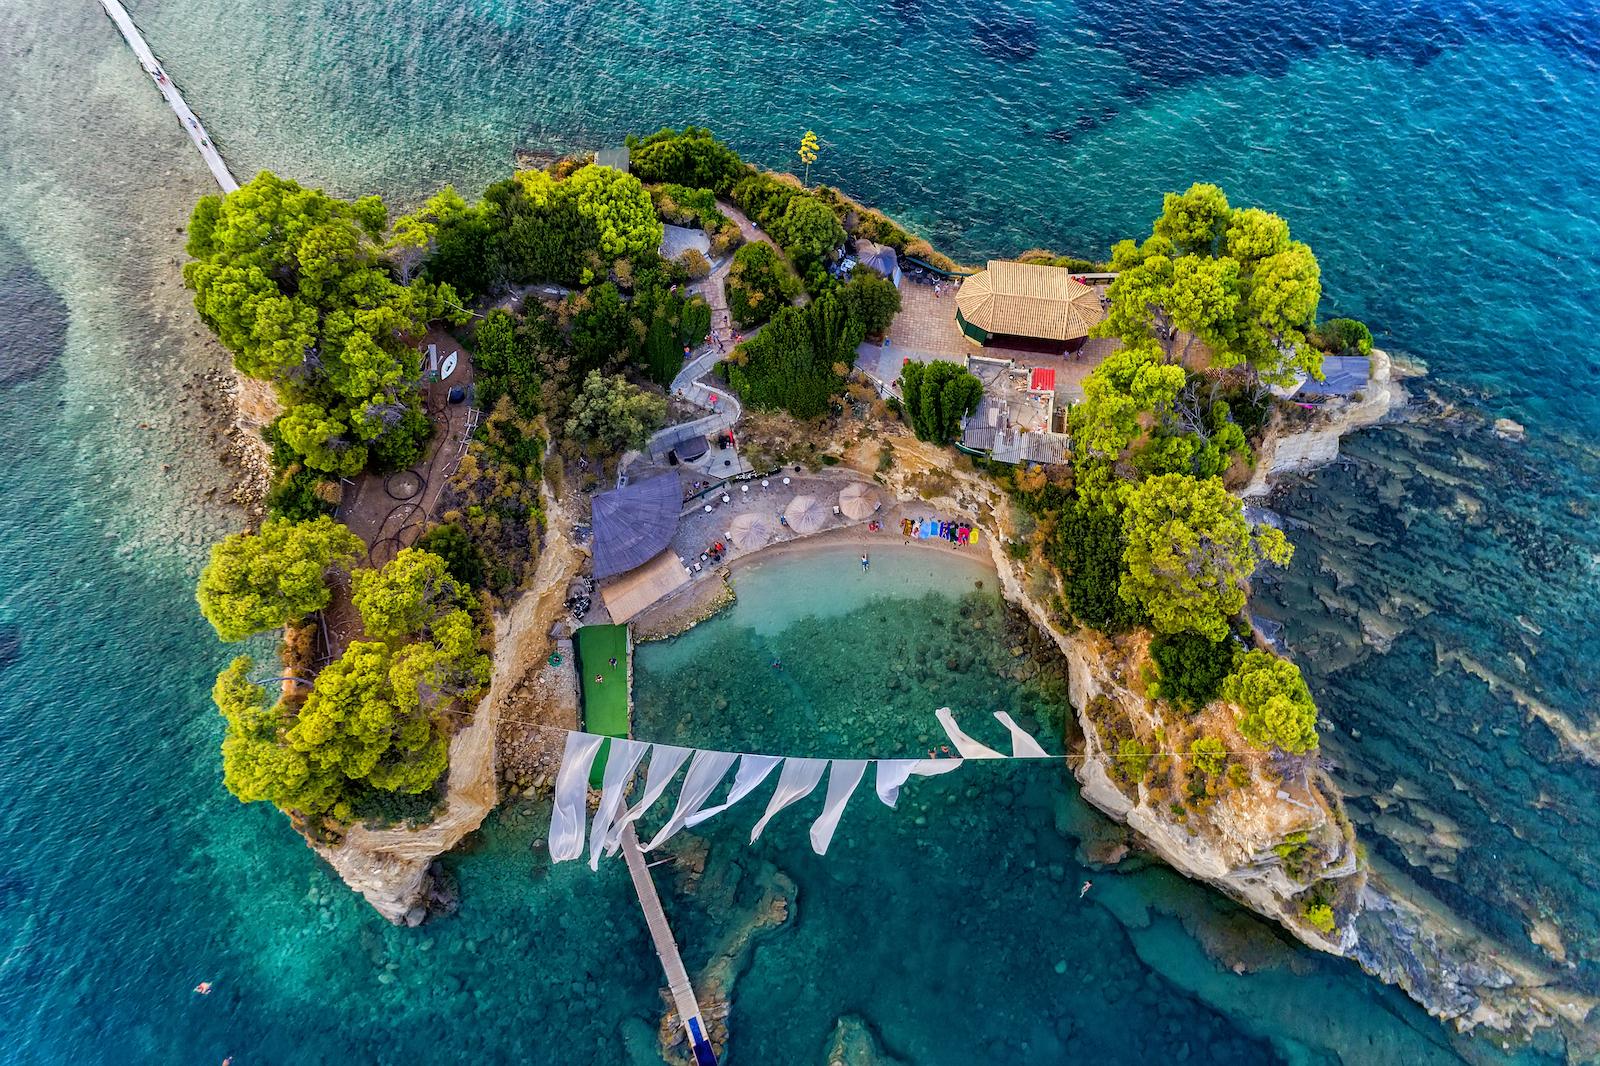 aerial-view-agios-sostis-small-island-in-zakynthos.jpg